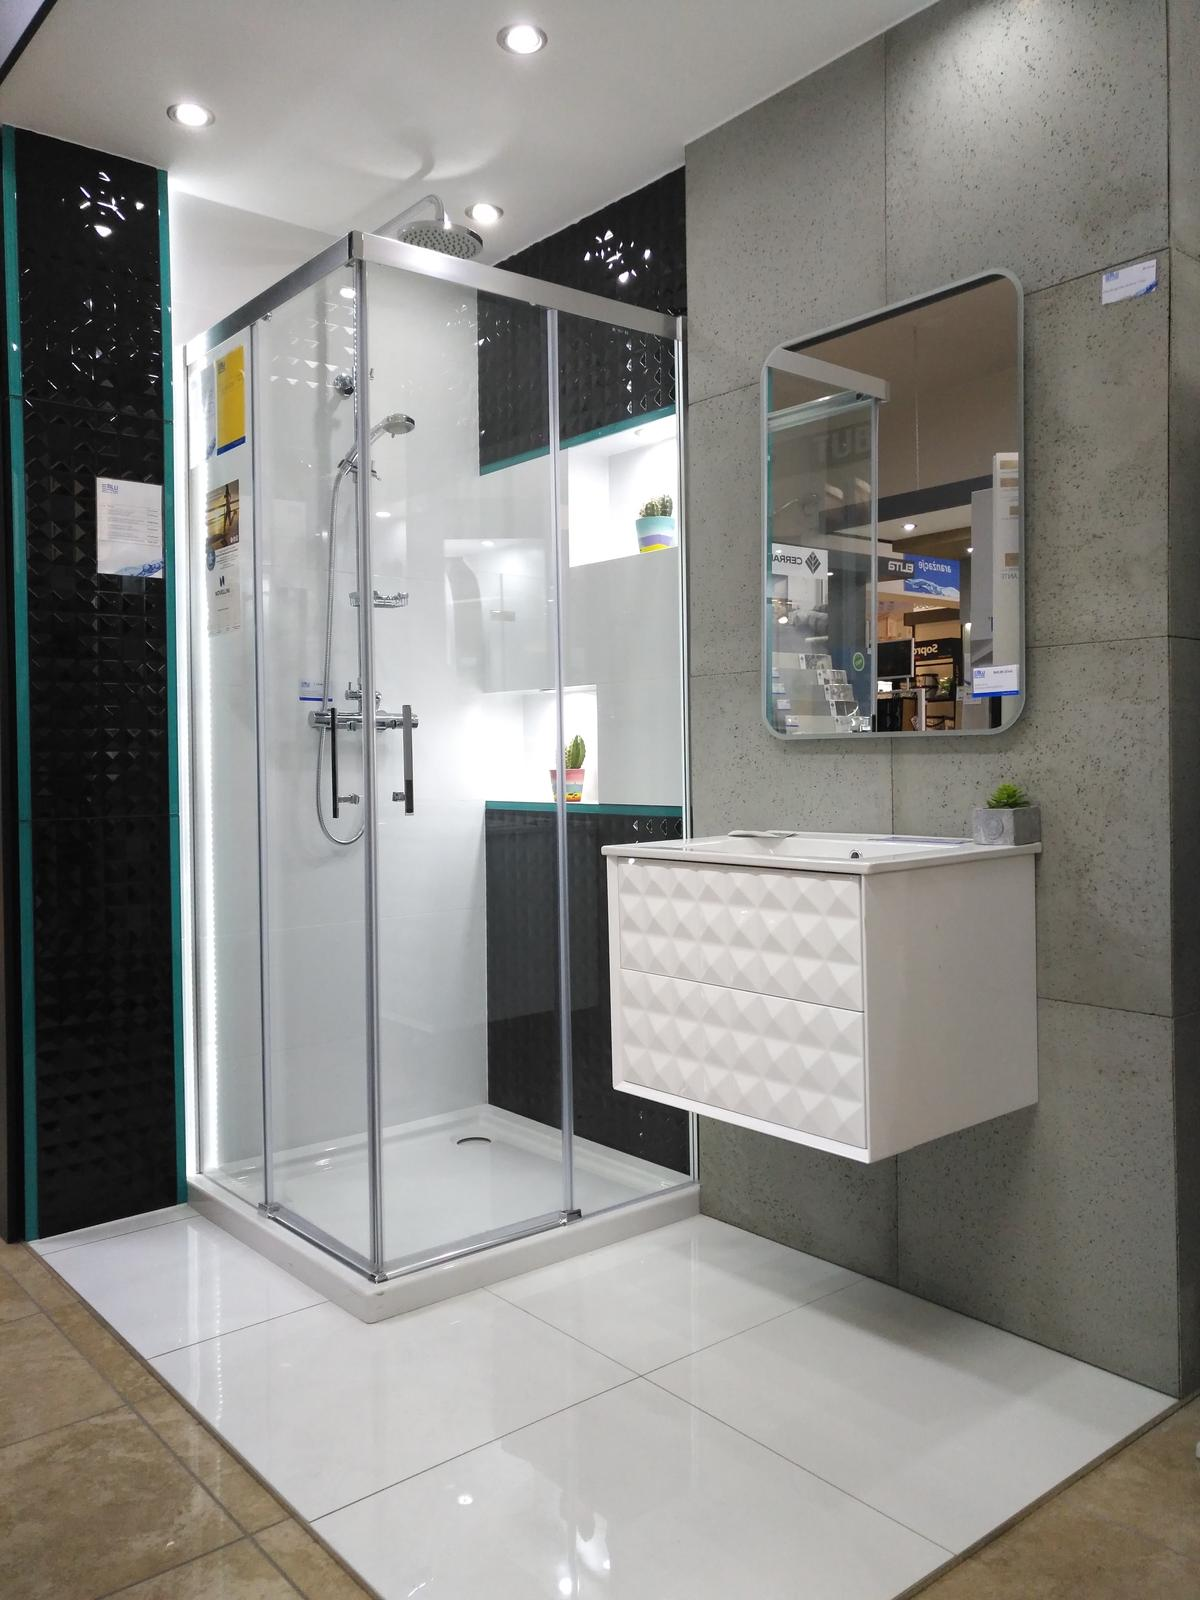 Beton w łazience - zdjęcie od BLU salon łazienek Dębica